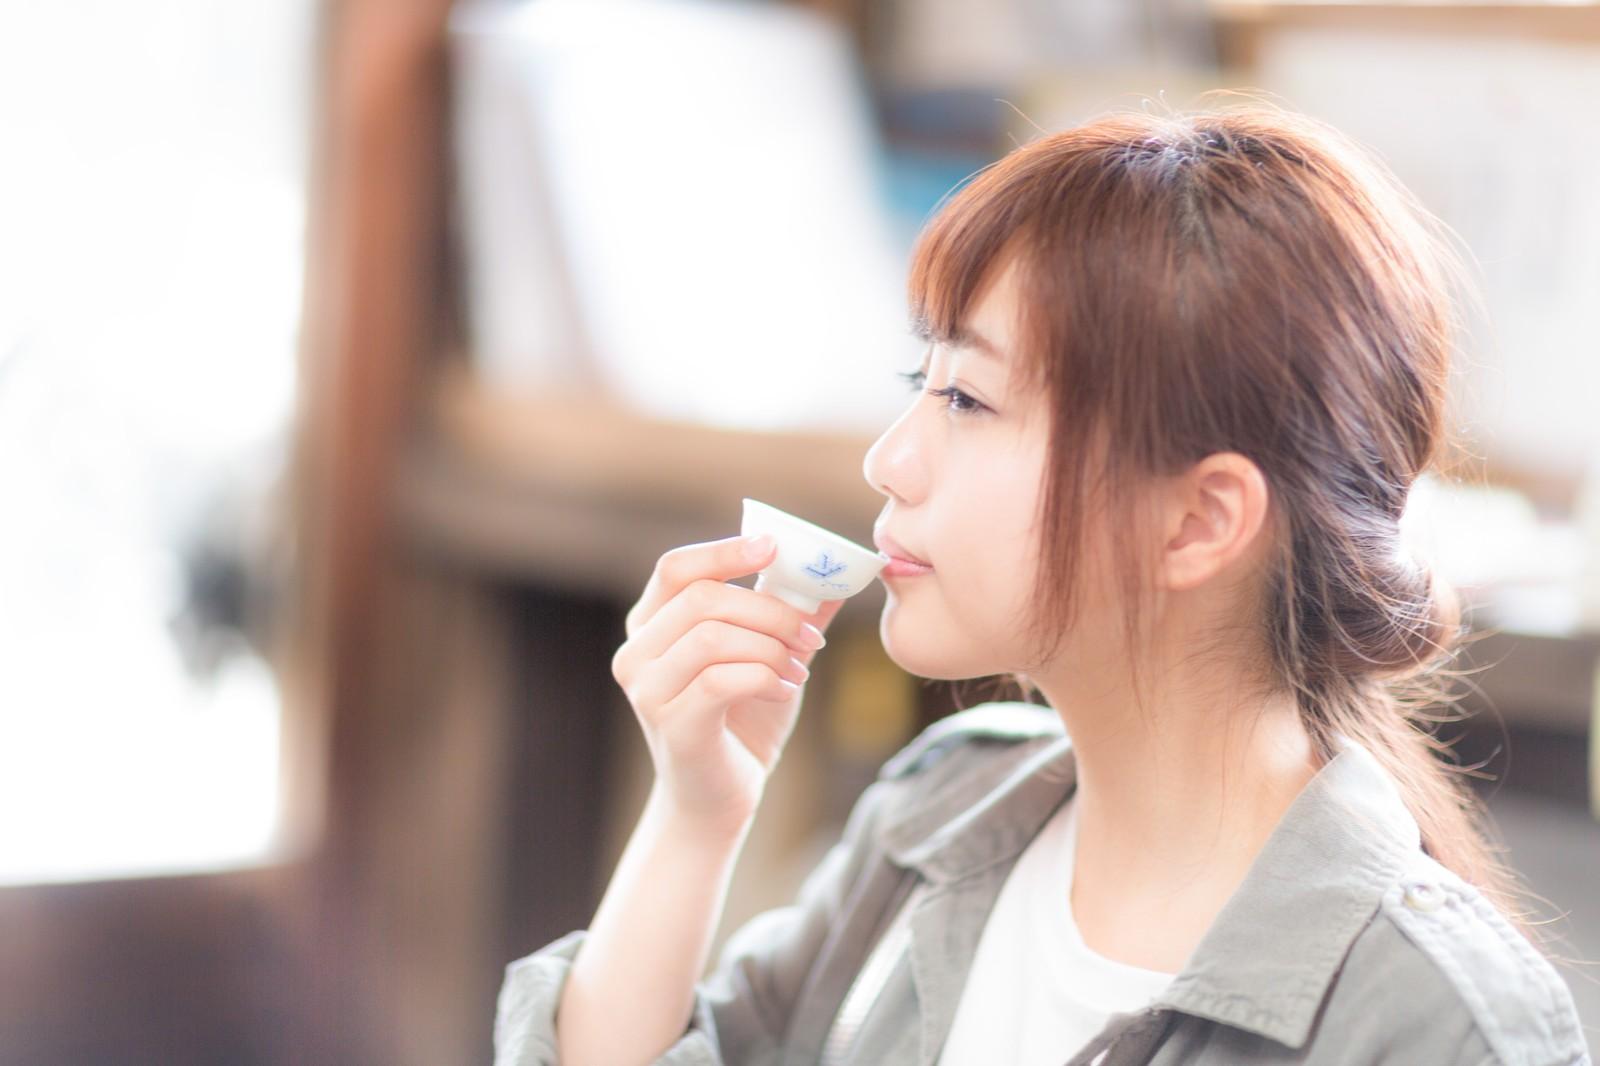 茅場町の居酒屋のおすすめは?飲み放題や個室に日本酒が多い店などもご紹介!